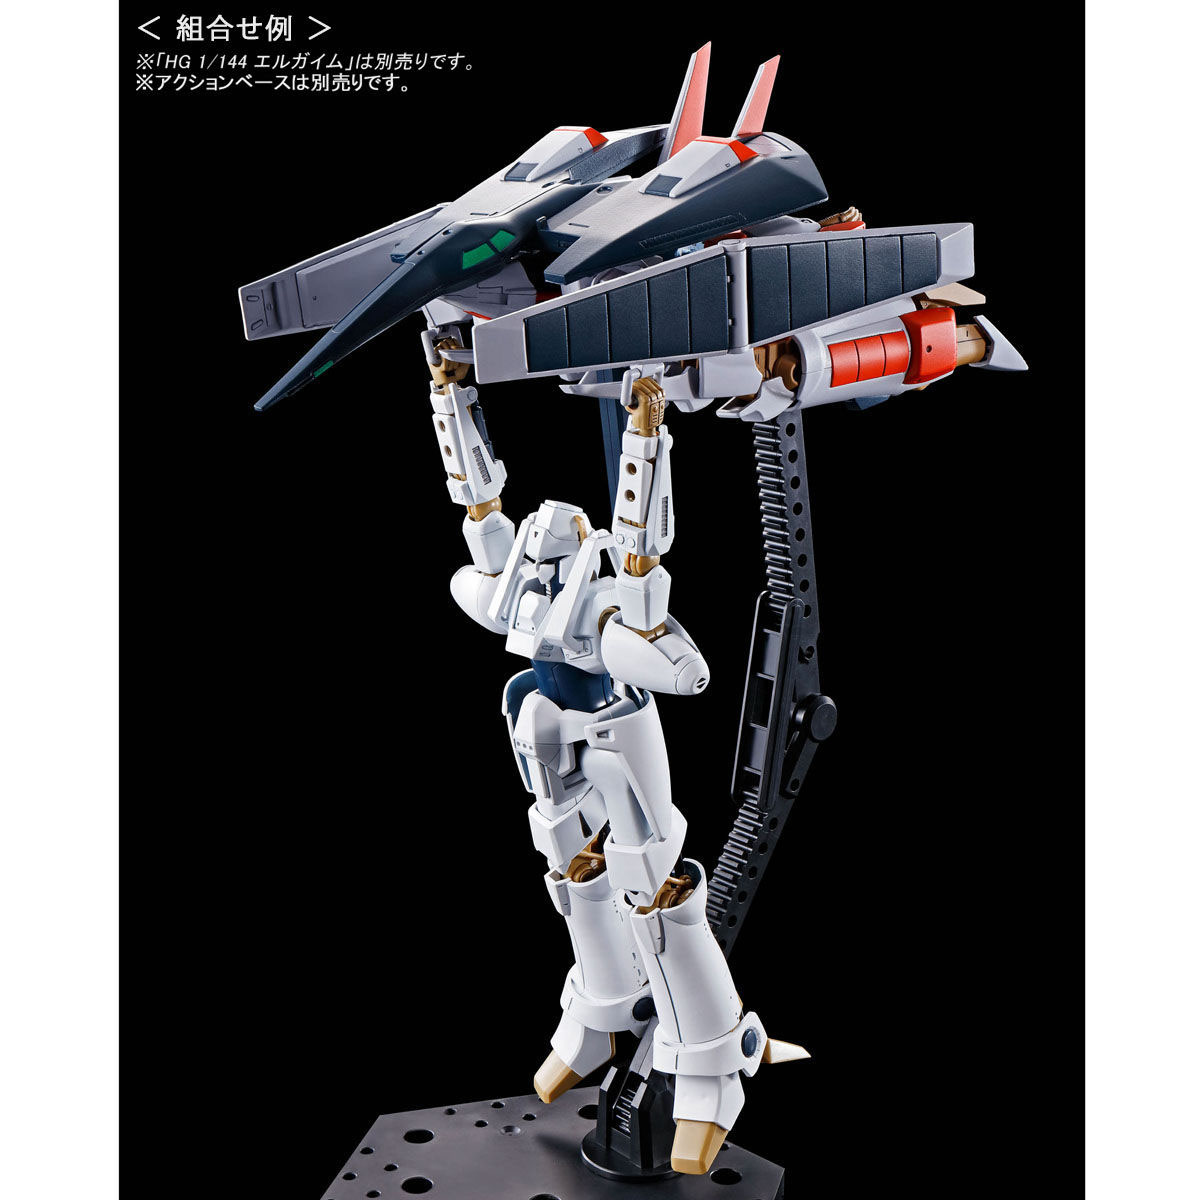 【限定販売】HG 1/144『エルガイムMk-II』重戦機エルガイム プラモデル-007